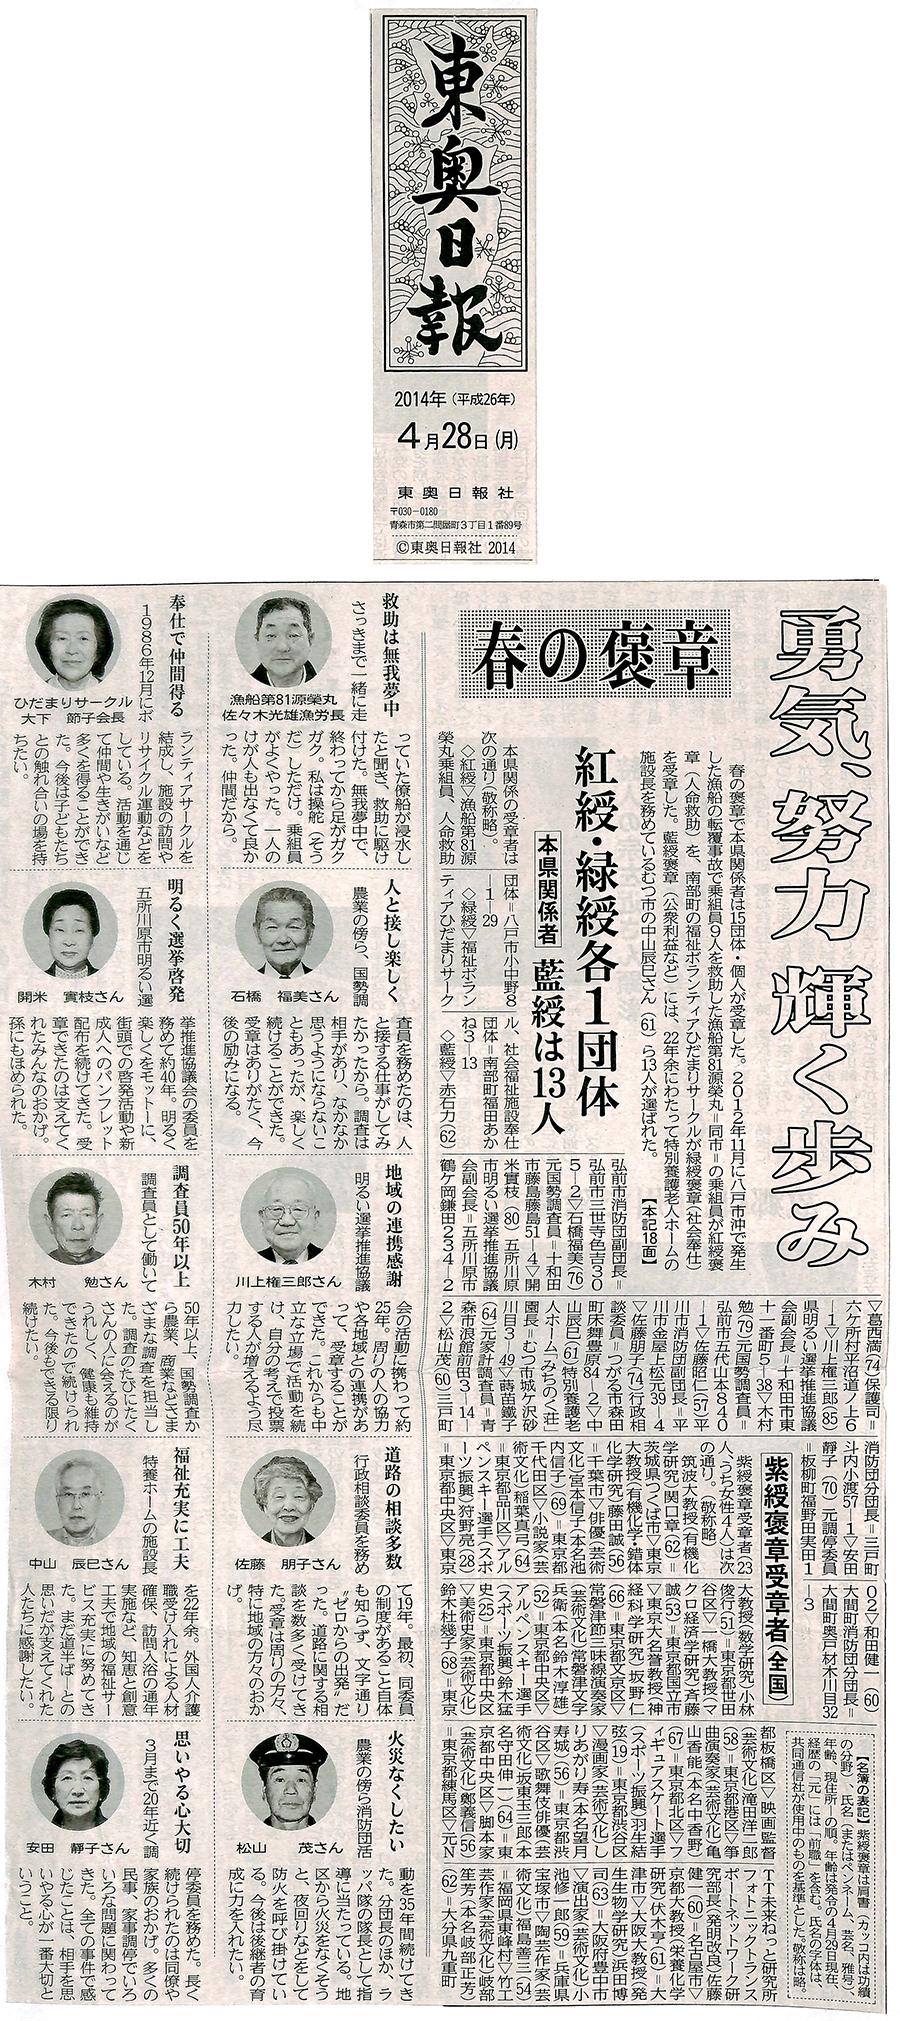 日報 ニュース 東奥